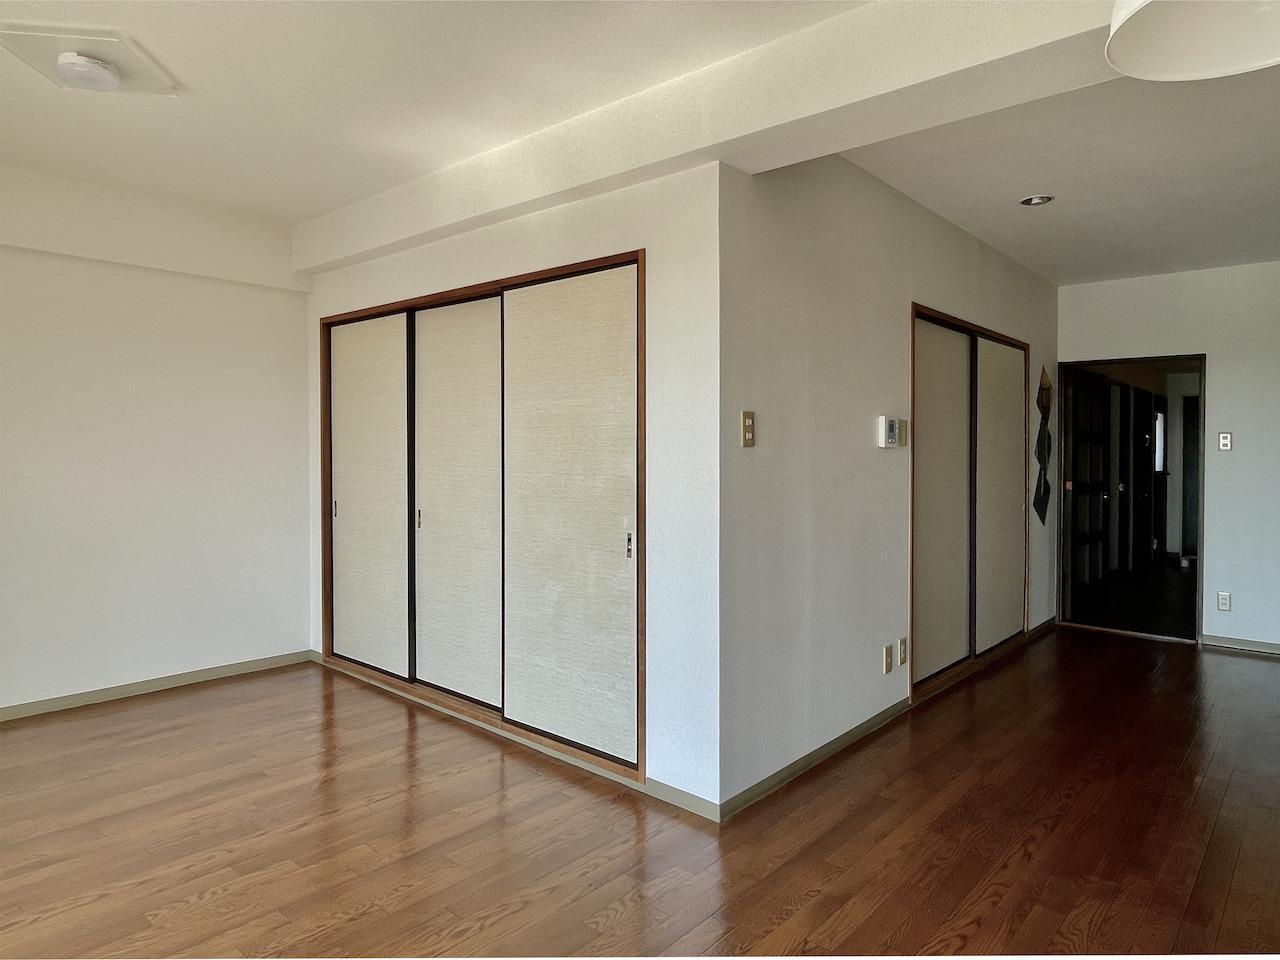 和室の扉を閉めるとこんな感じ。